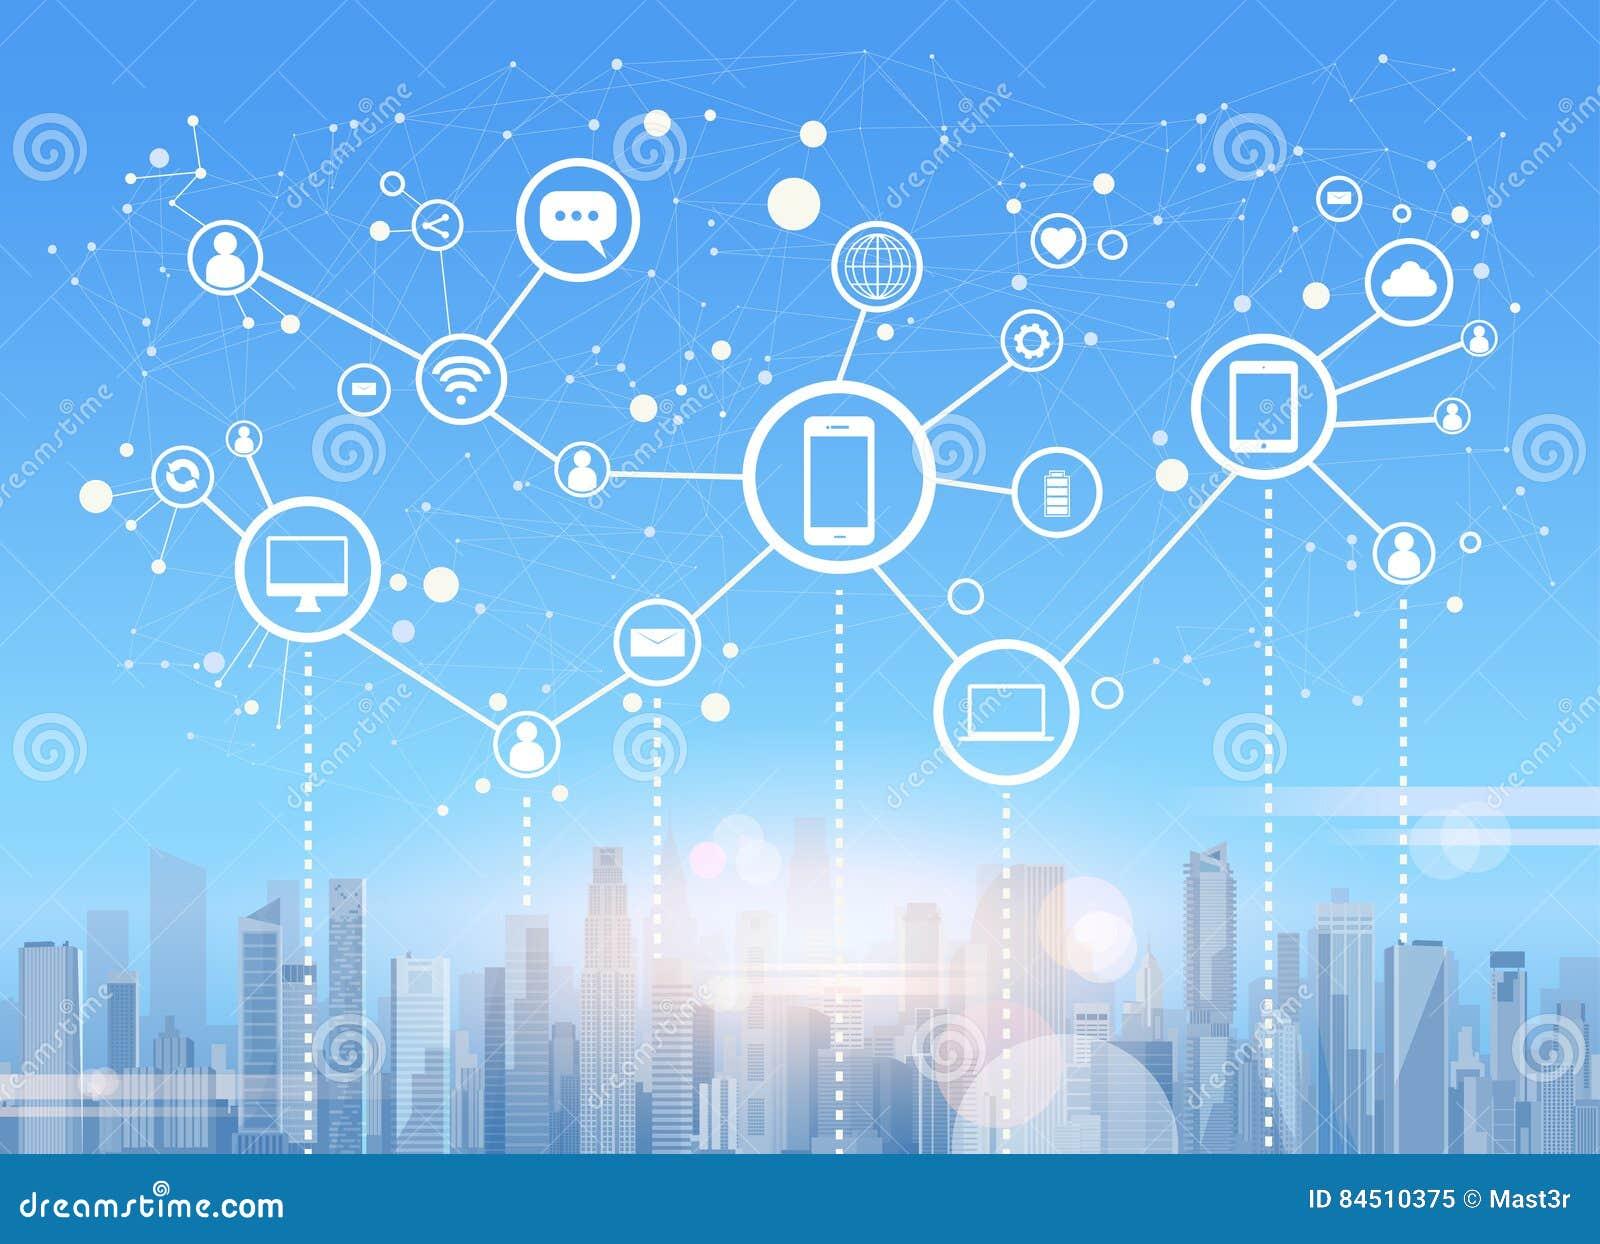 Fundo social da arquitetura da cidade da opinião do arranha-céus da cidade da conexão de Internet de Media Communication